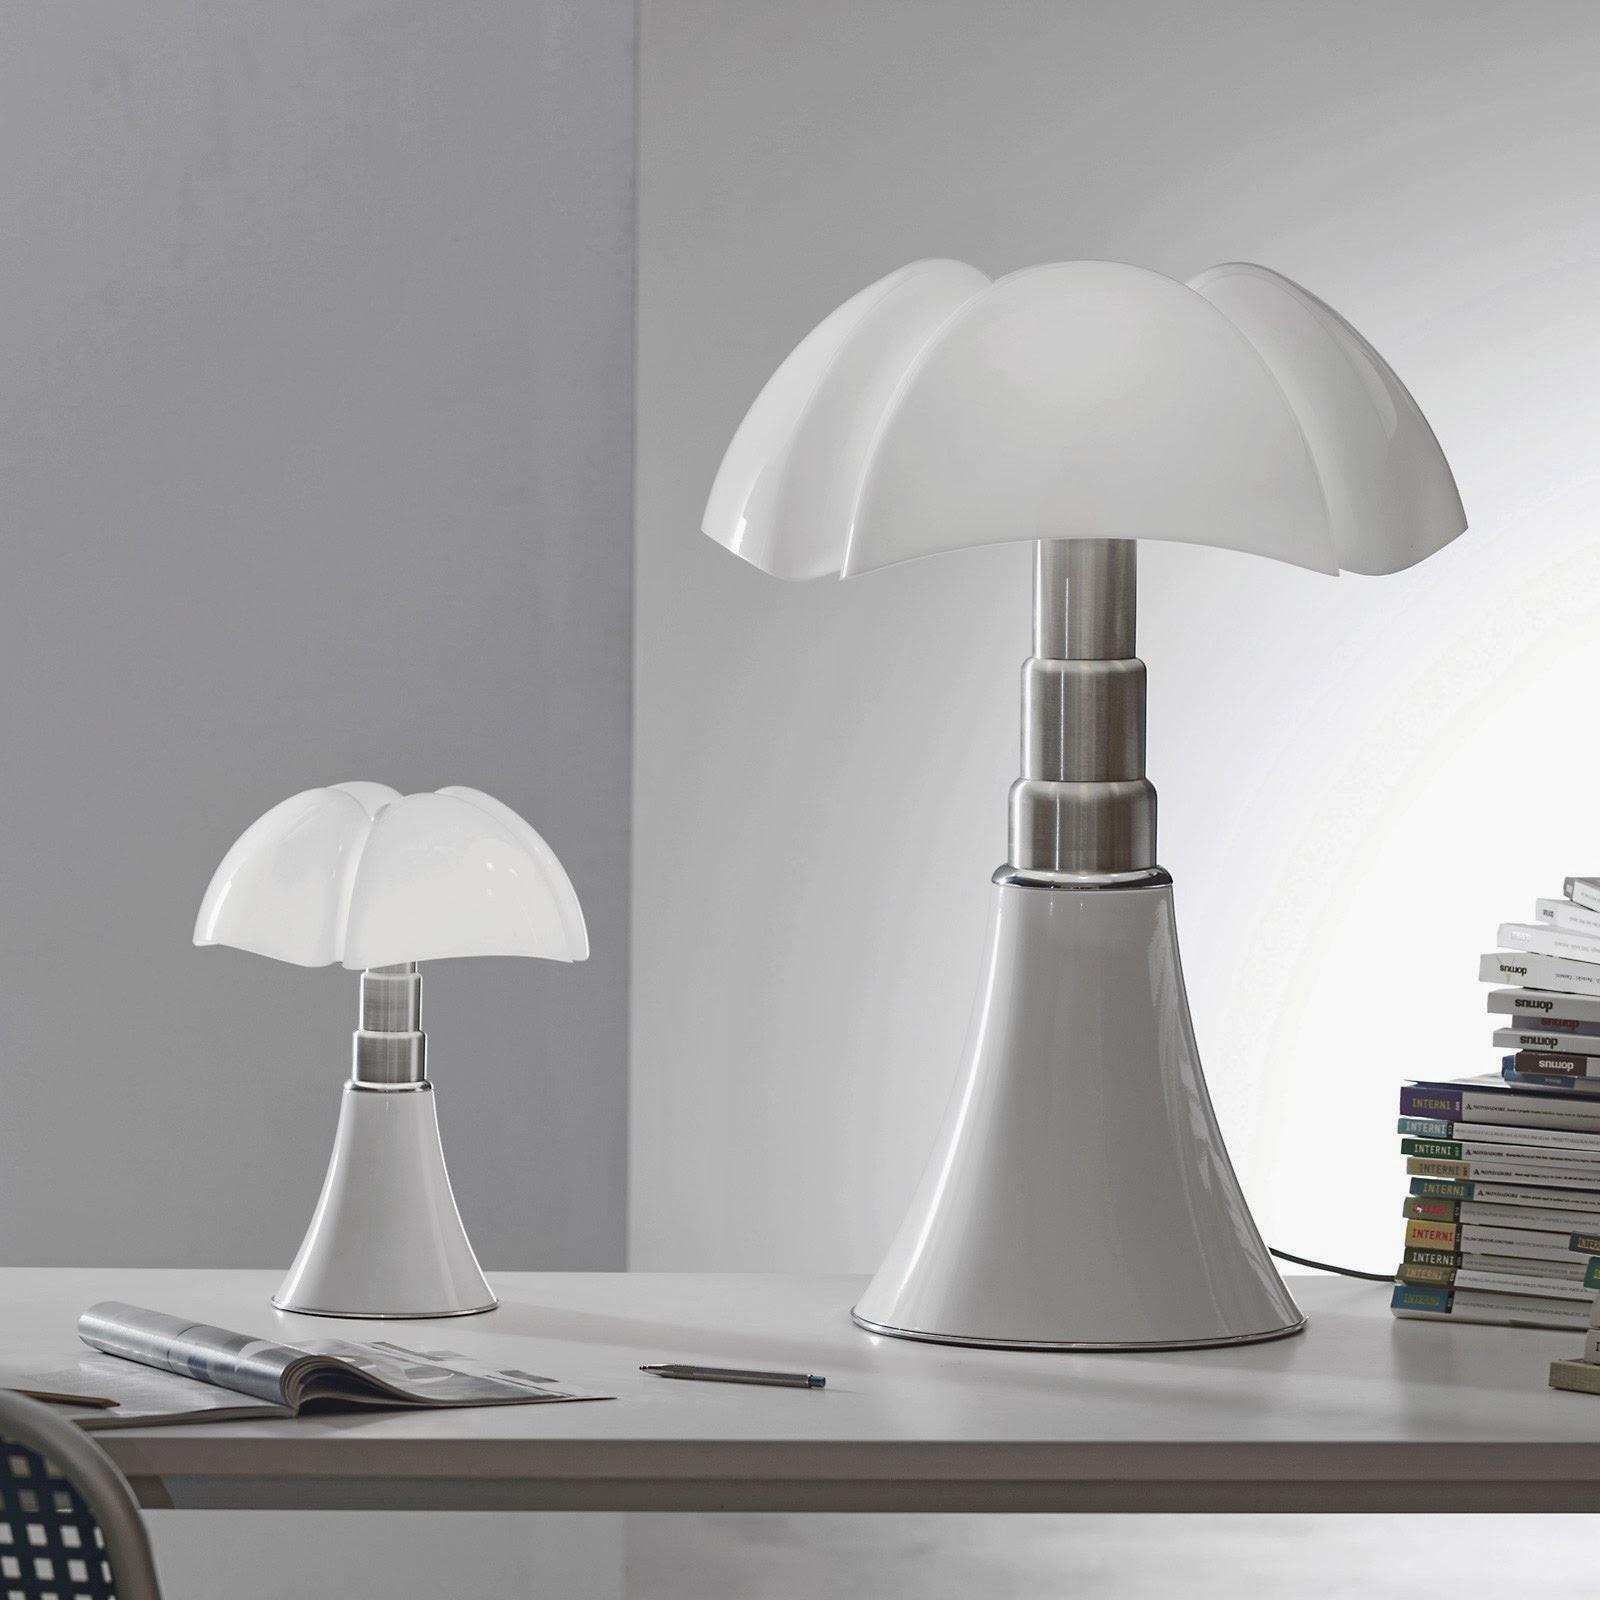 Fate Home Relookers: Gae Aulenti e la lampada Pipistrello (Dettagli Di  Design #2)